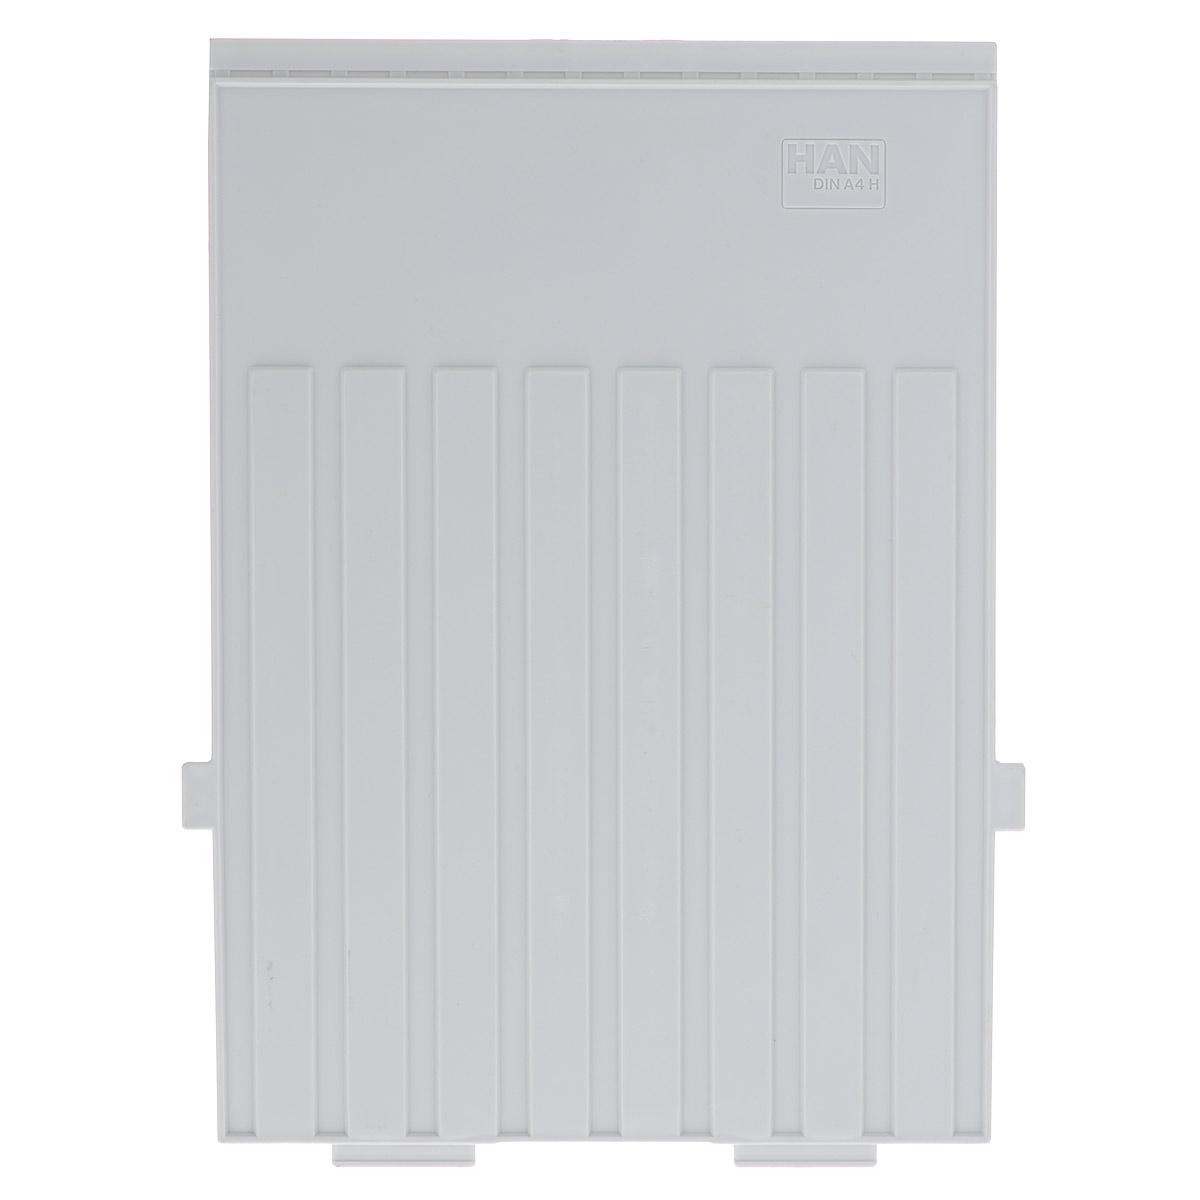 Разделитель для вертикальной картотеки Han, цвет: серый. Формат А4HA9024-1/11Разделитель для картотеки Han изготовлен из пластика серого цвета. Предназначен для вертикальных картотек HAN. Имеется специальное поле для установки индексного окна (сверху).